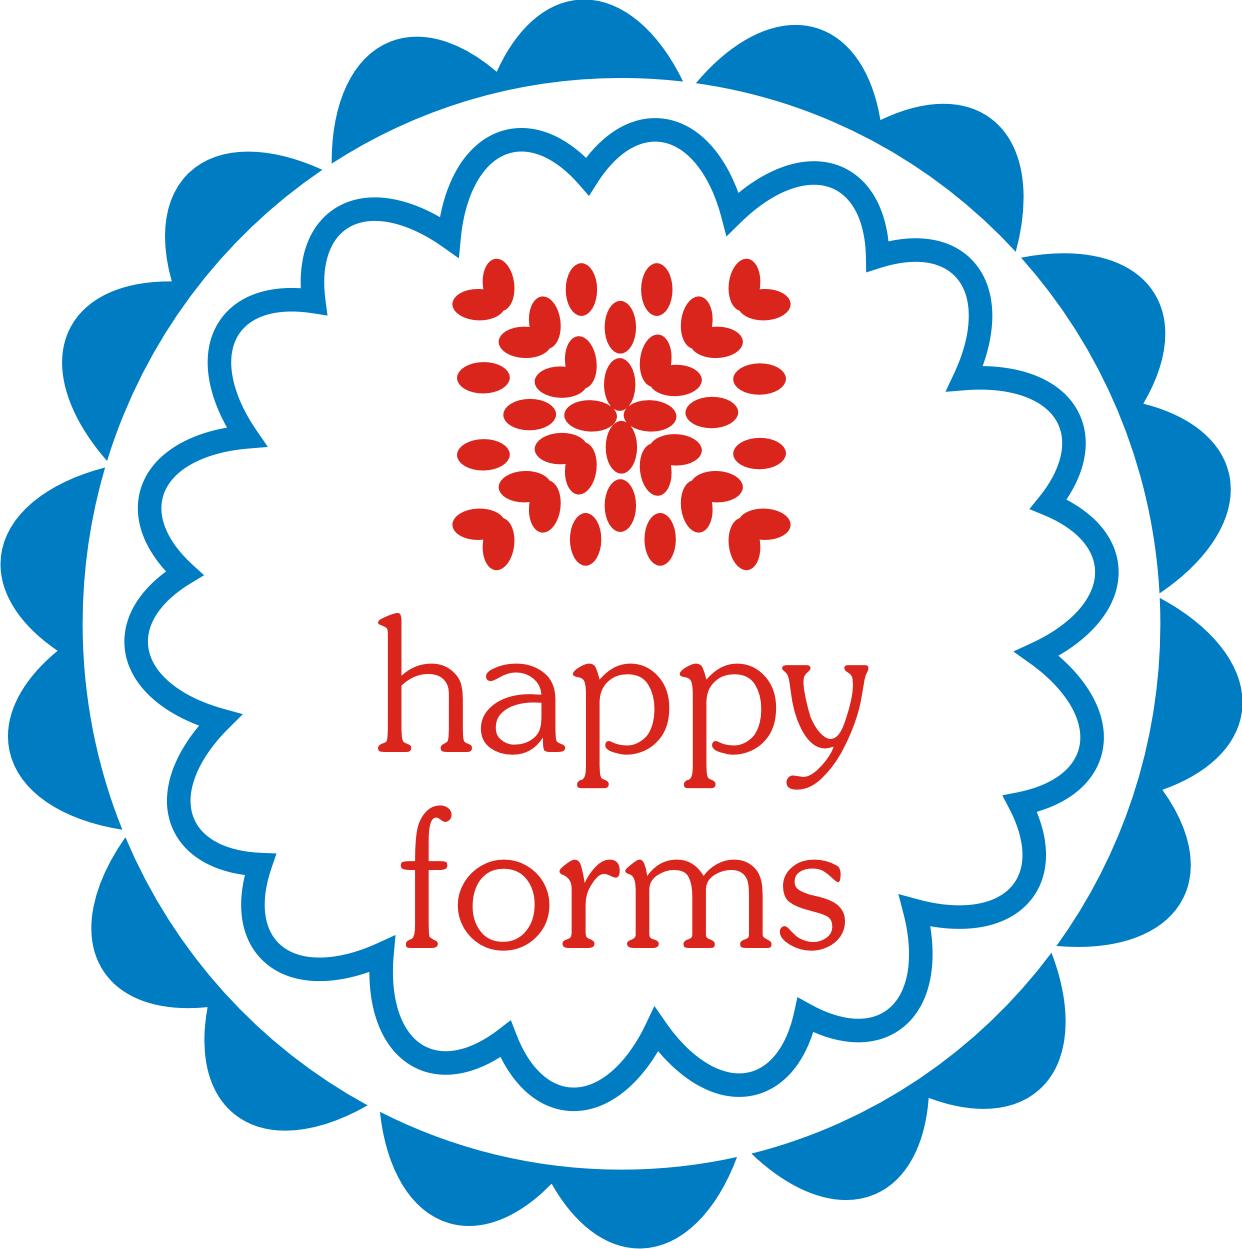 Malowana Skrzynia to teraz Happy Forms! Zapraszam na nowego bloga!